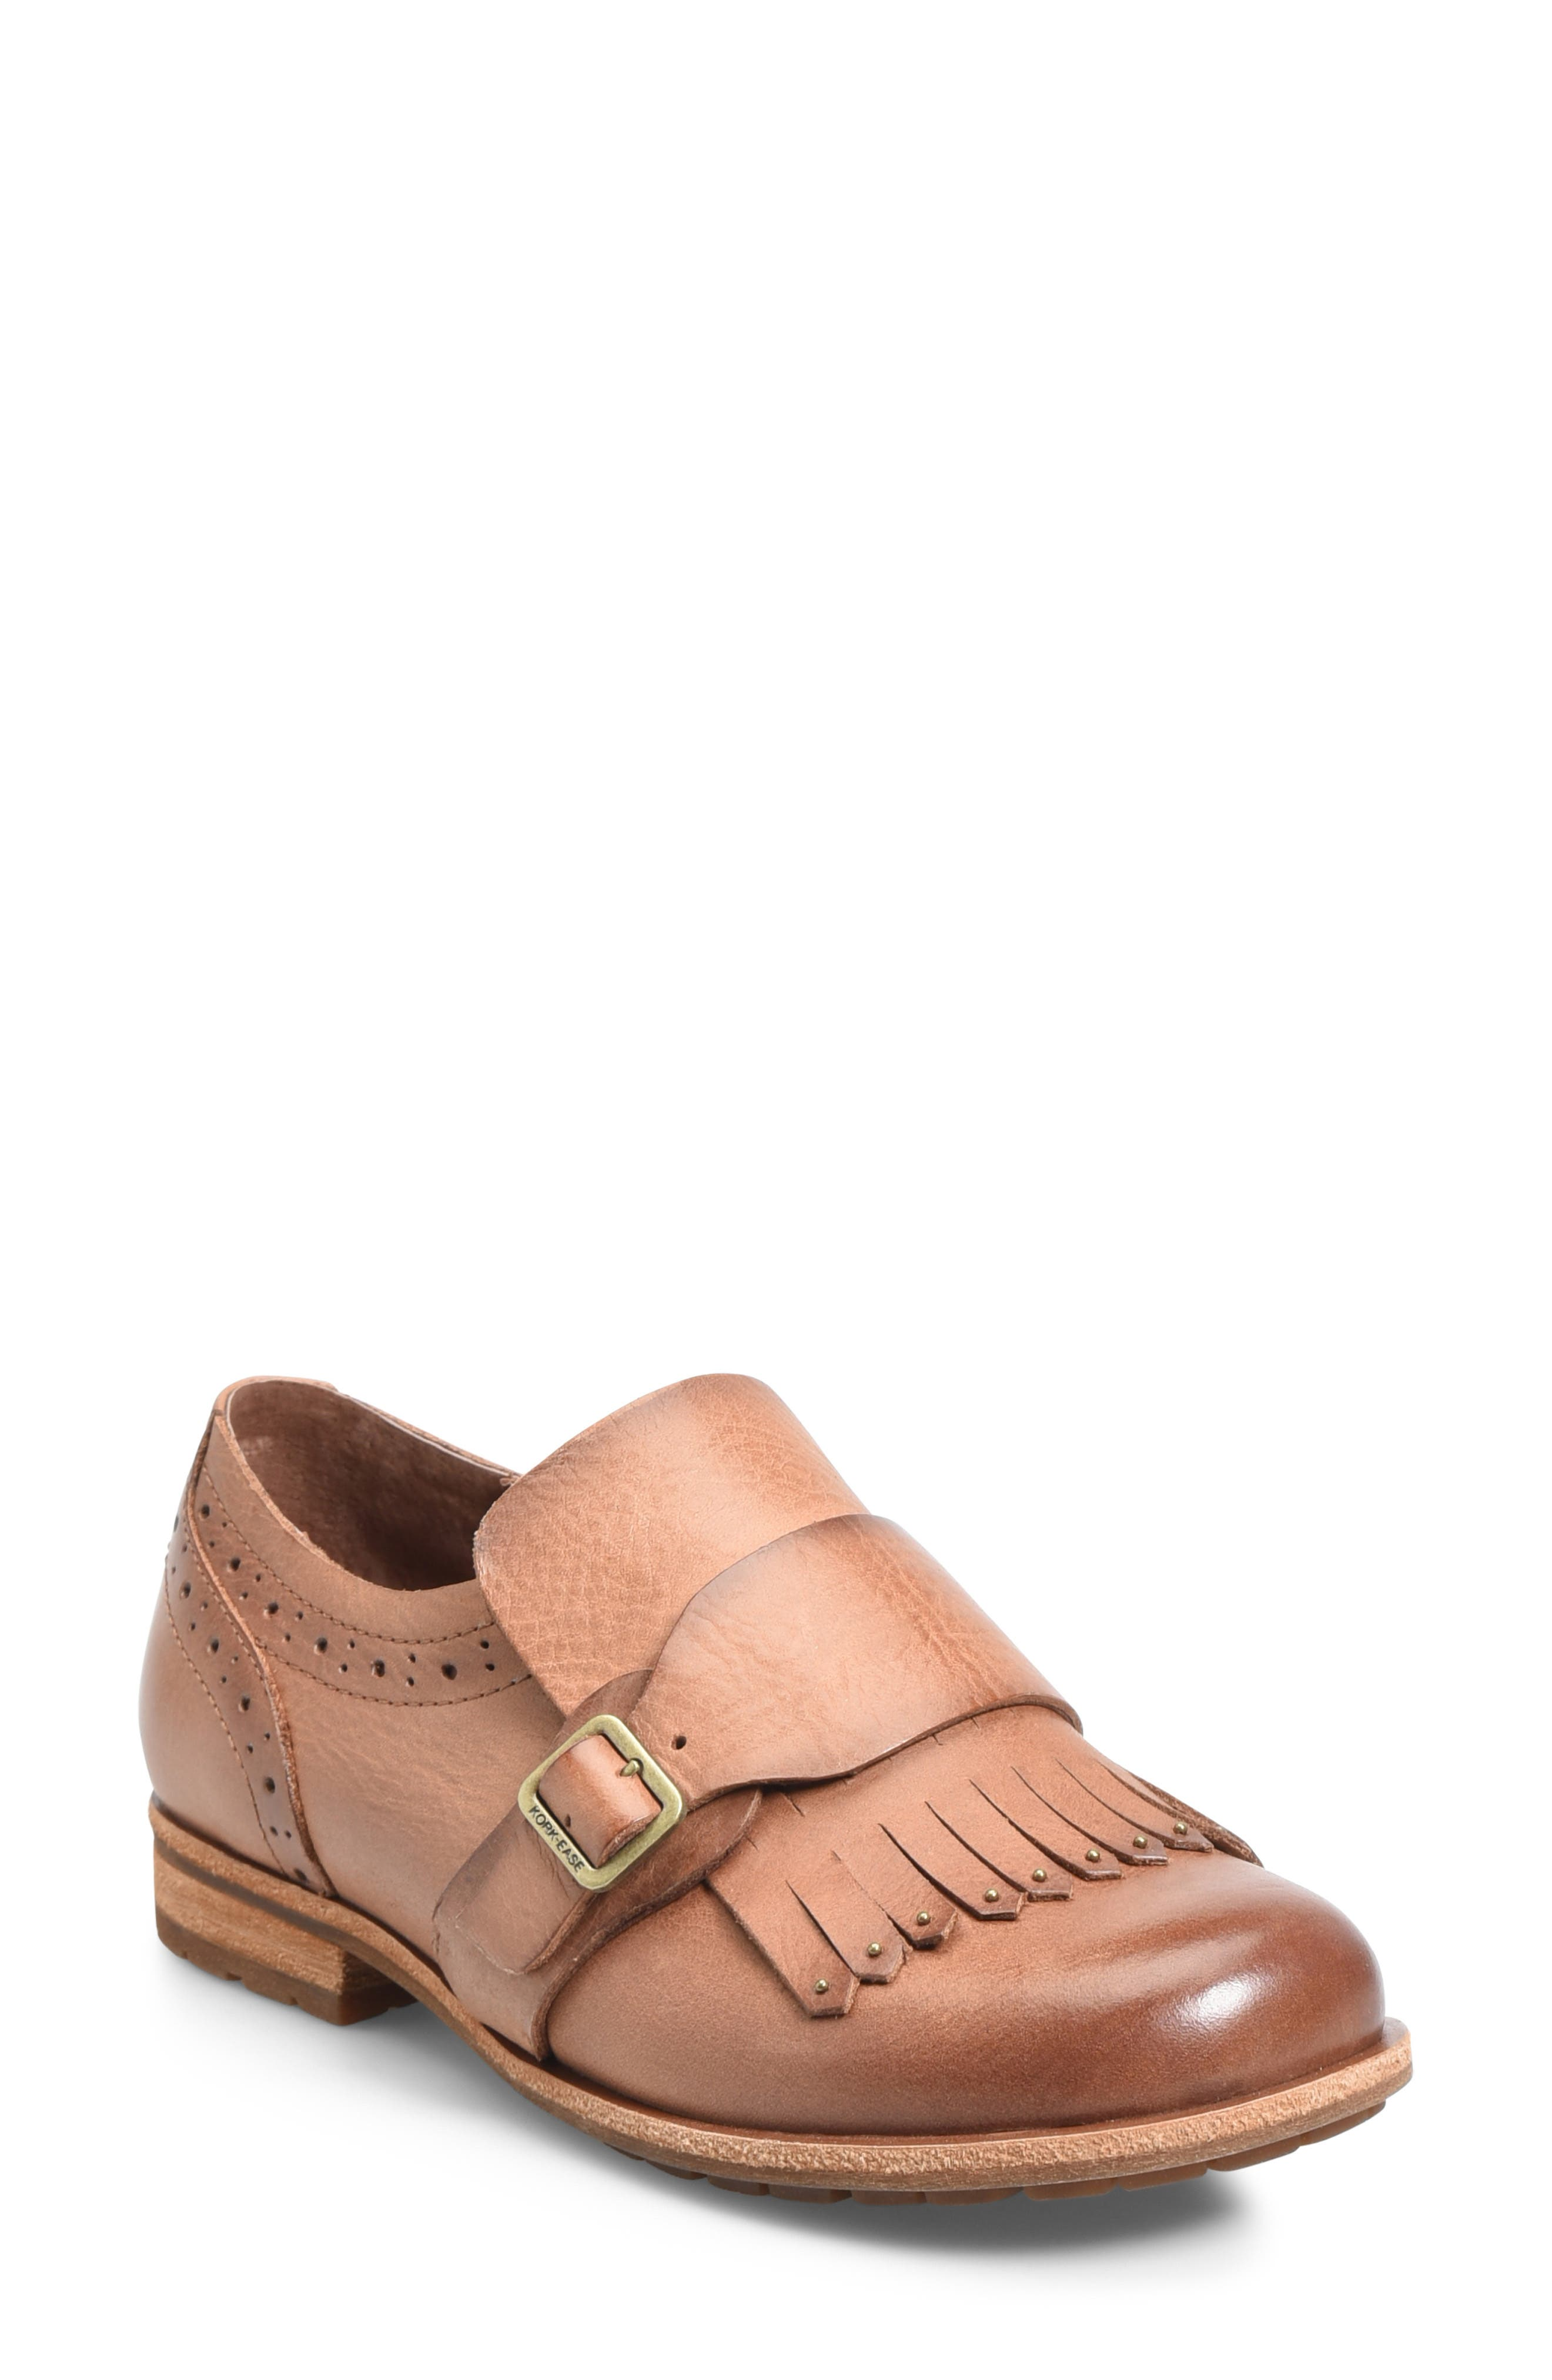 Kork-Ease Bailee Kiltie Monk Strap Shoe, Beige